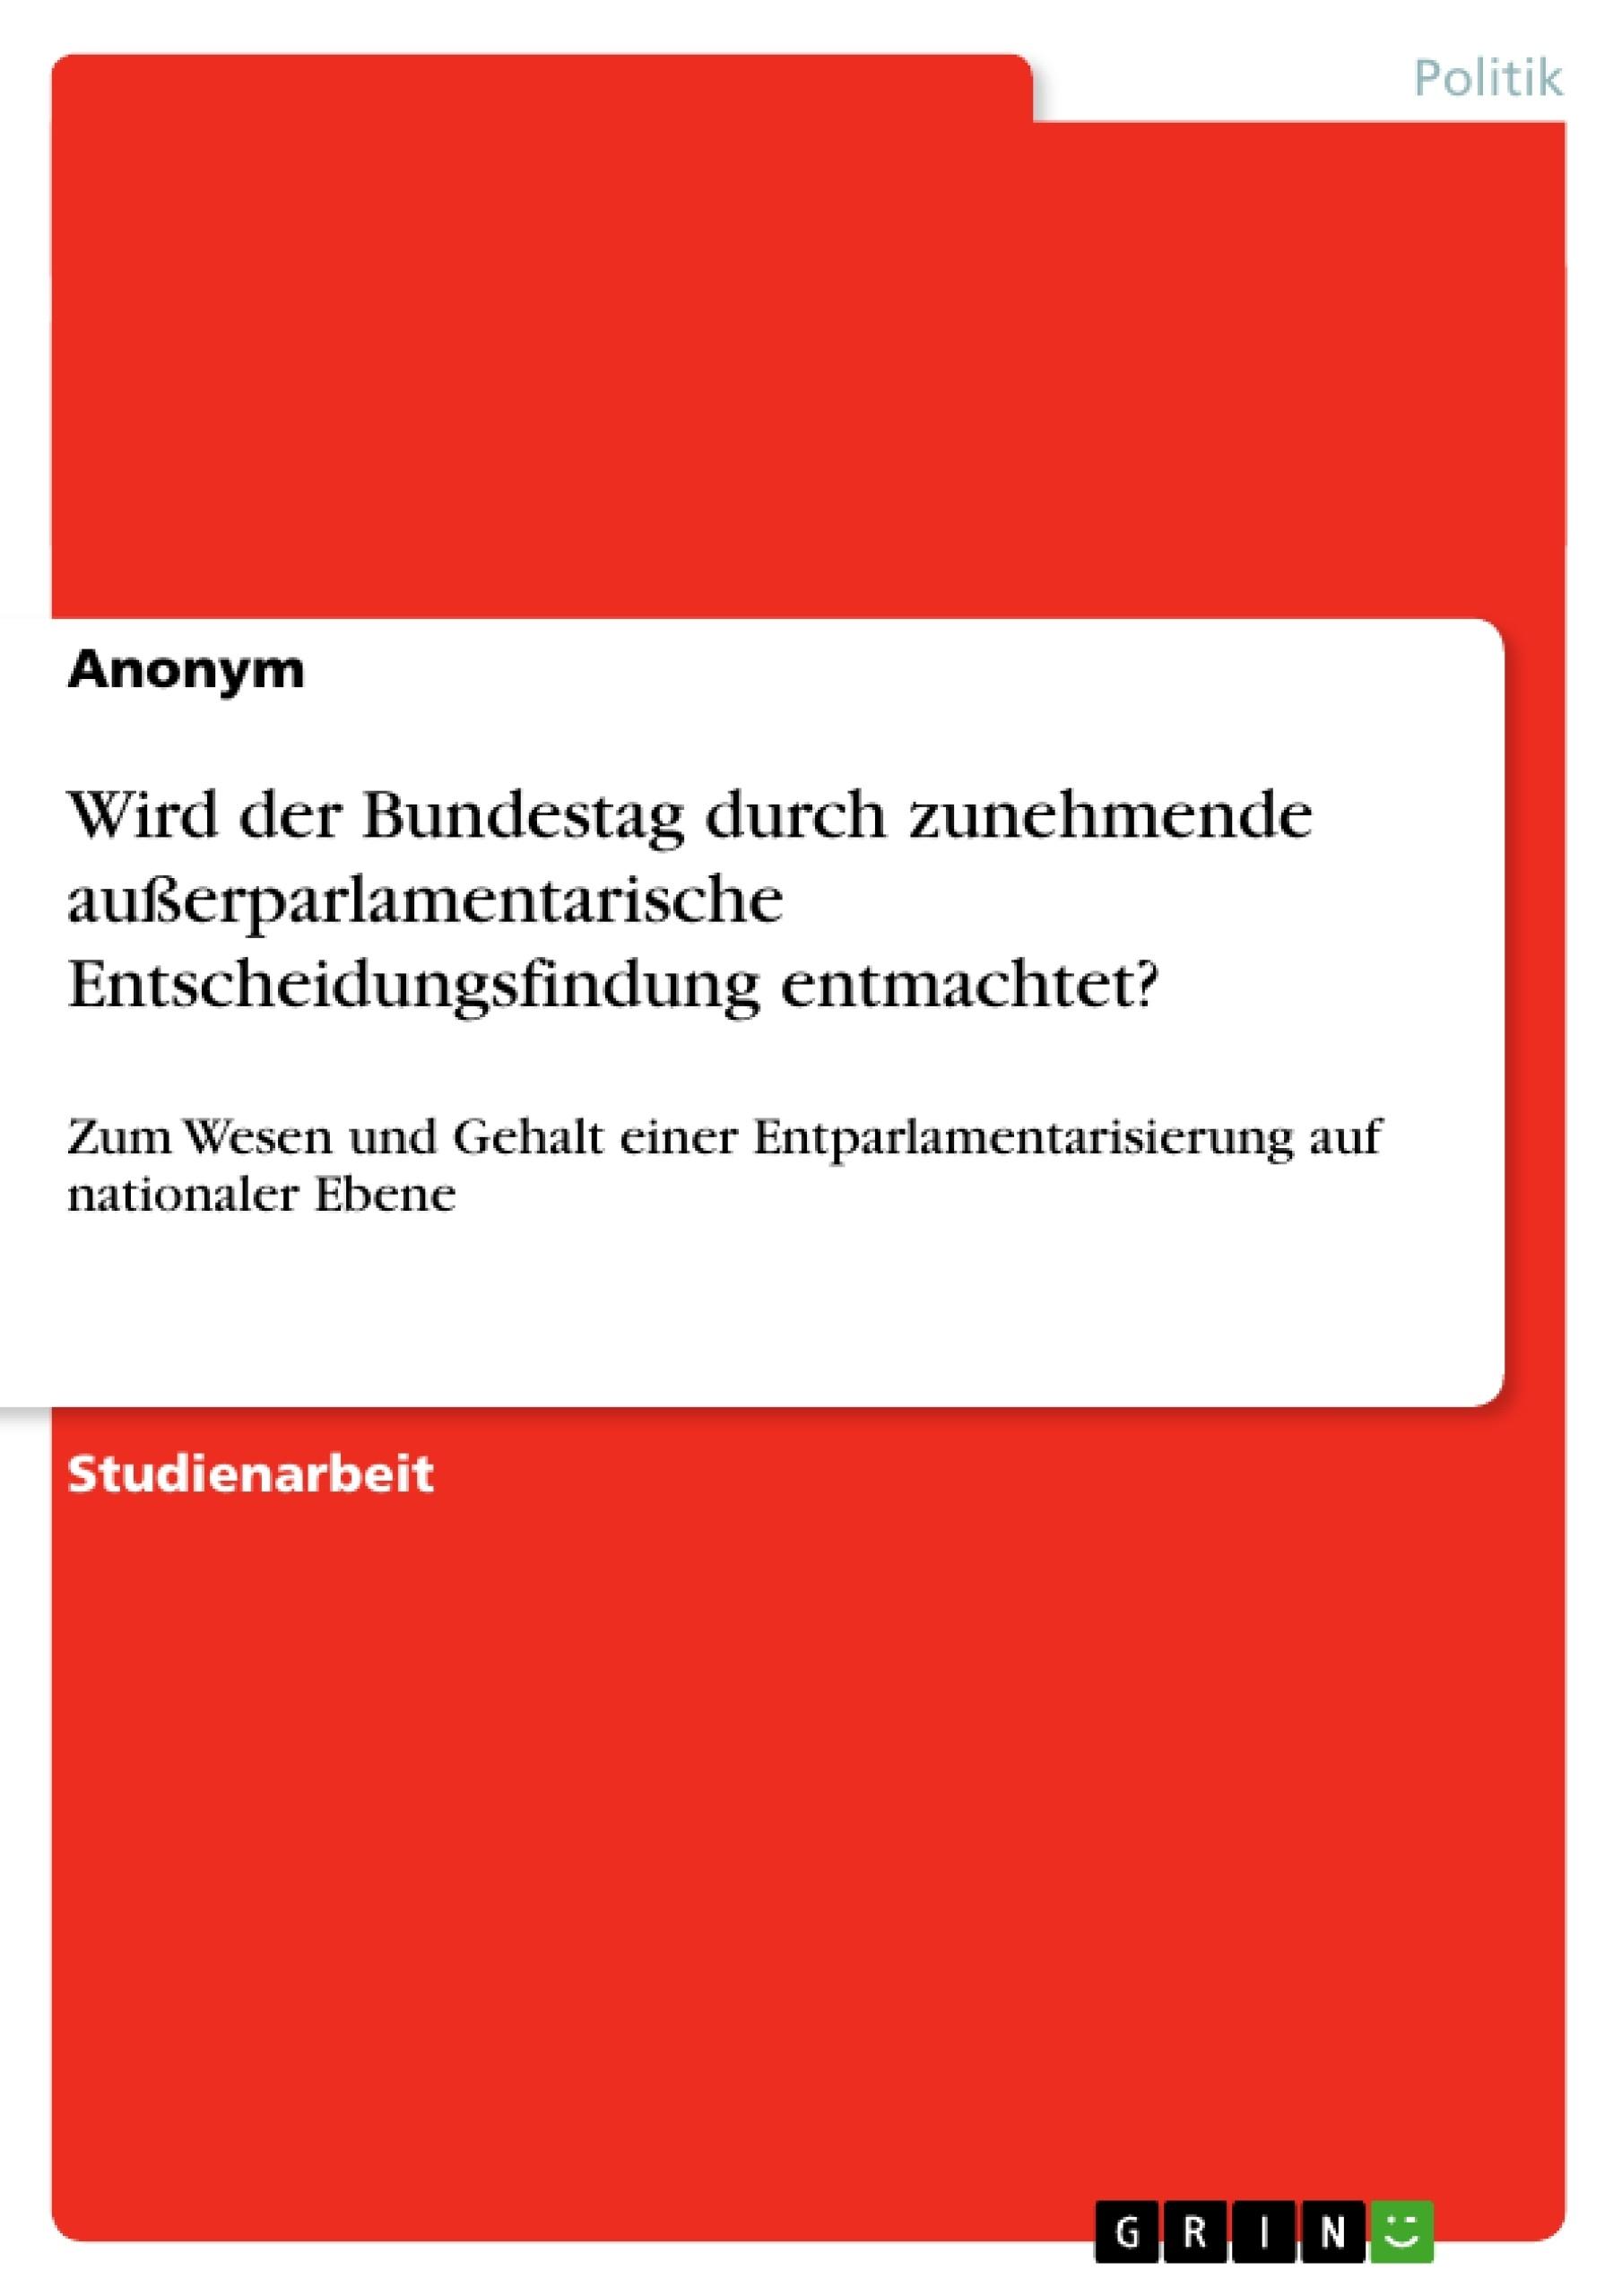 Titel: Wird der Bundestag durch zunehmende außerparlamentarische Entscheidungsfindung entmachtet?